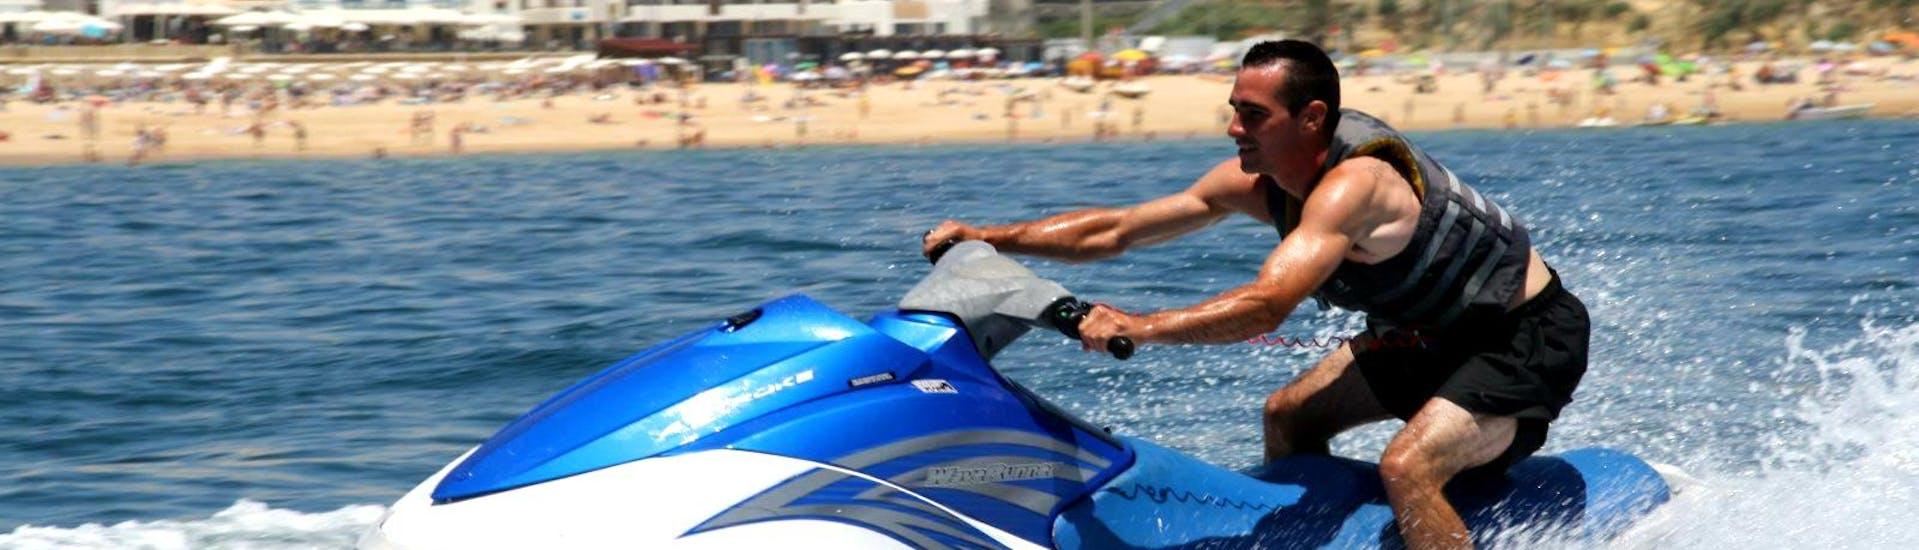 Ein Mann, der seinen wilden Ritt vor der Küste von Albufeira auf dem Duo Jetski genießt, das er von Dream Wave ausgeliehen hat.